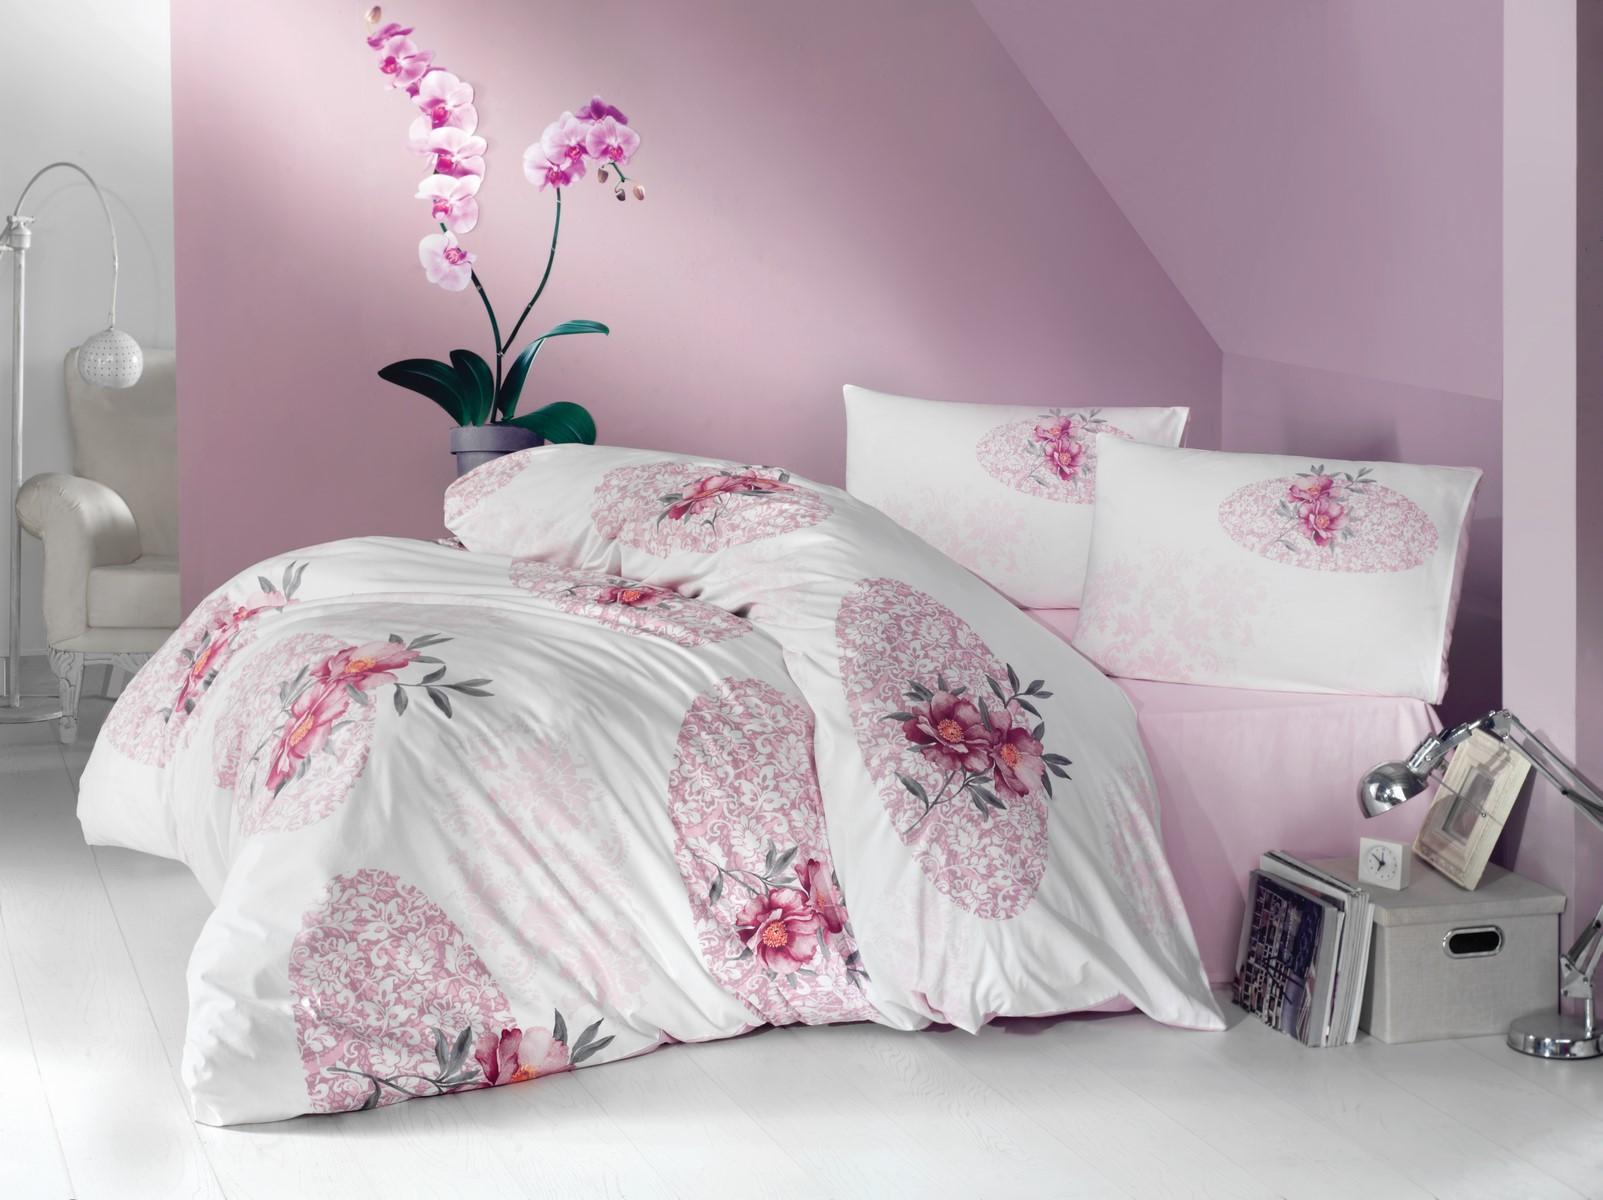 linge de lit maison dt parure de lit star pembe meubles et d coration - Parure De Lit Mariage Tunisie